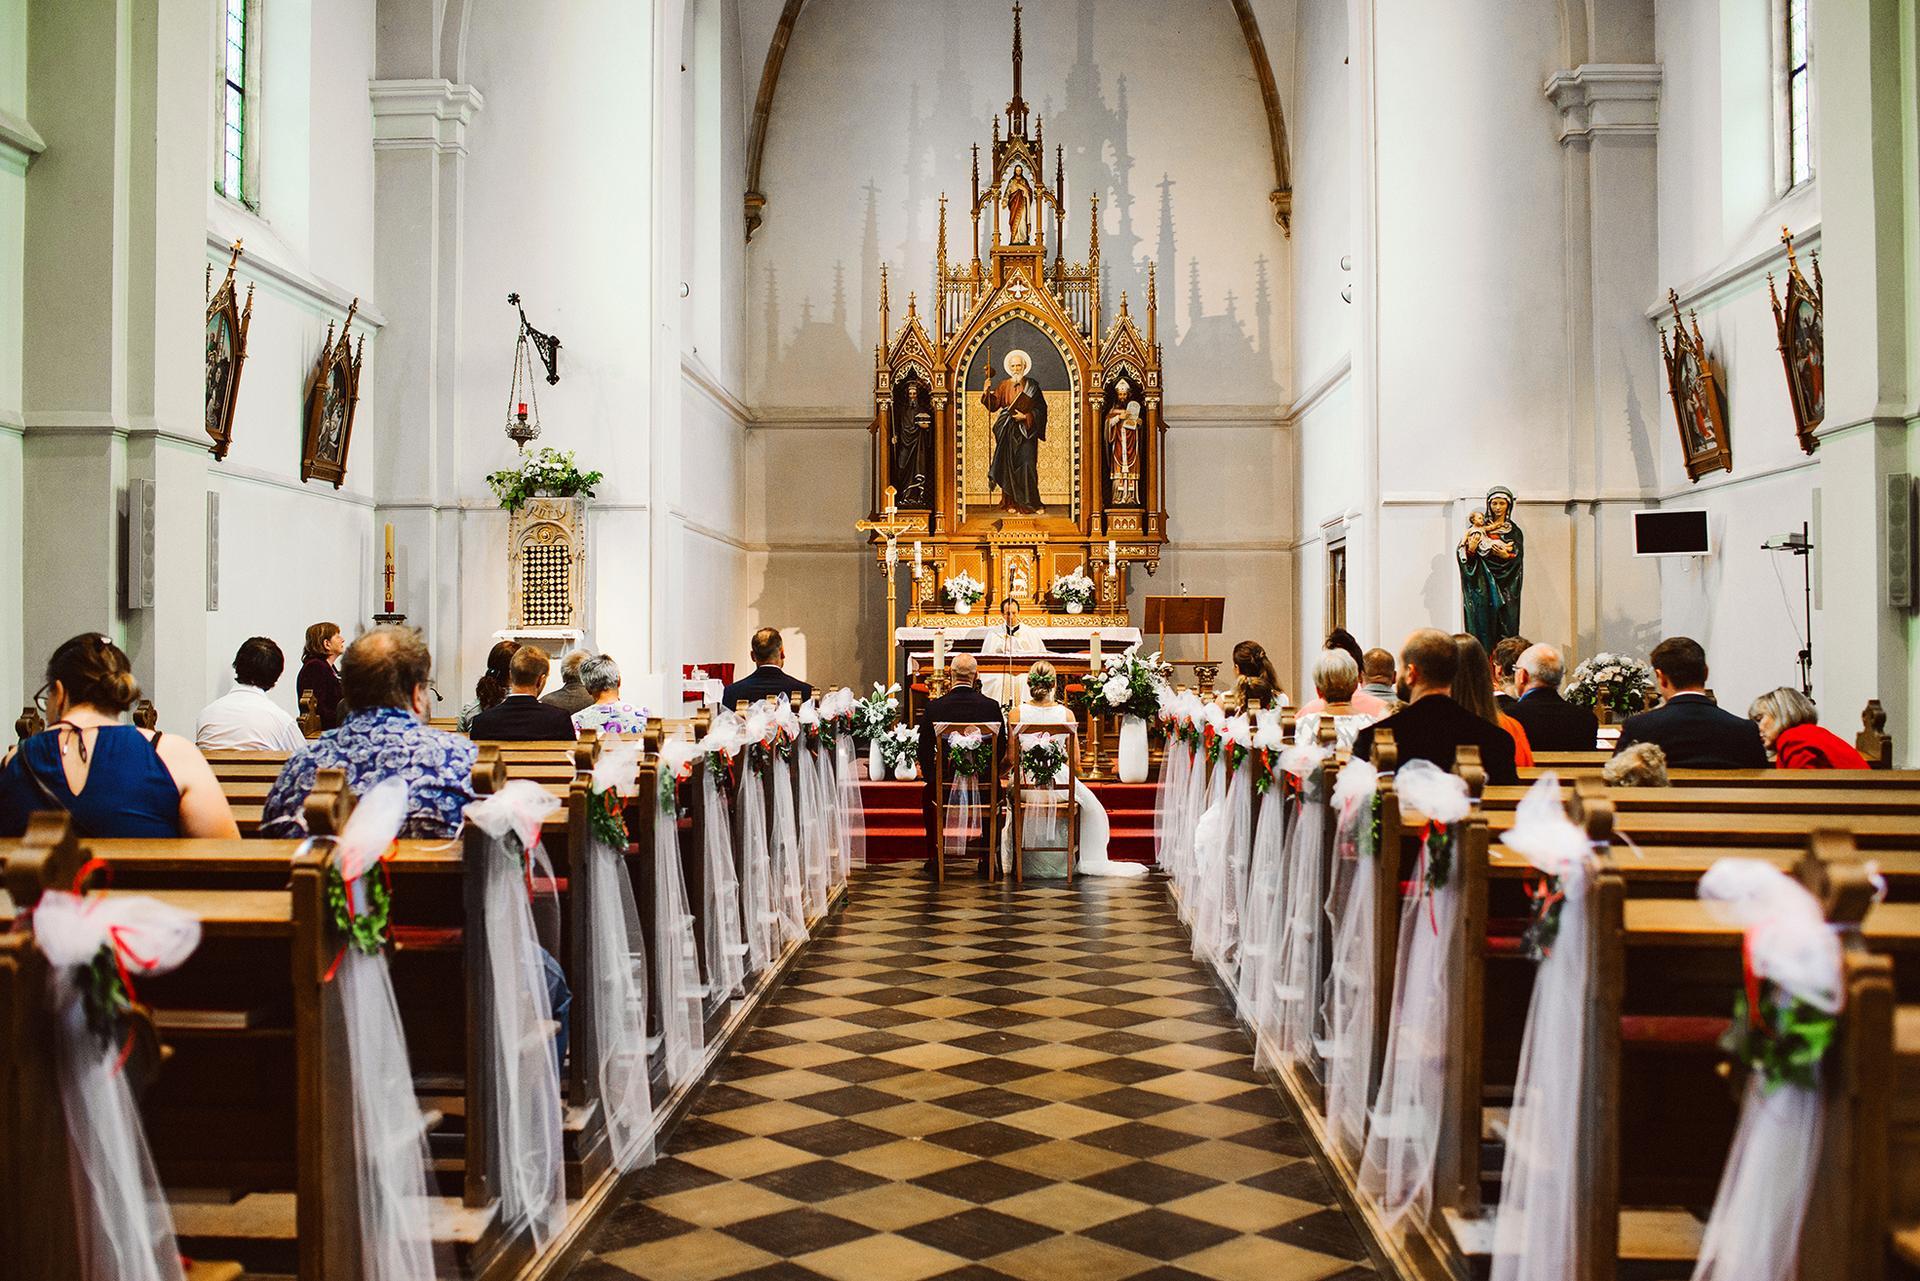 Svatba Praha 13 - Obrázek č. 5